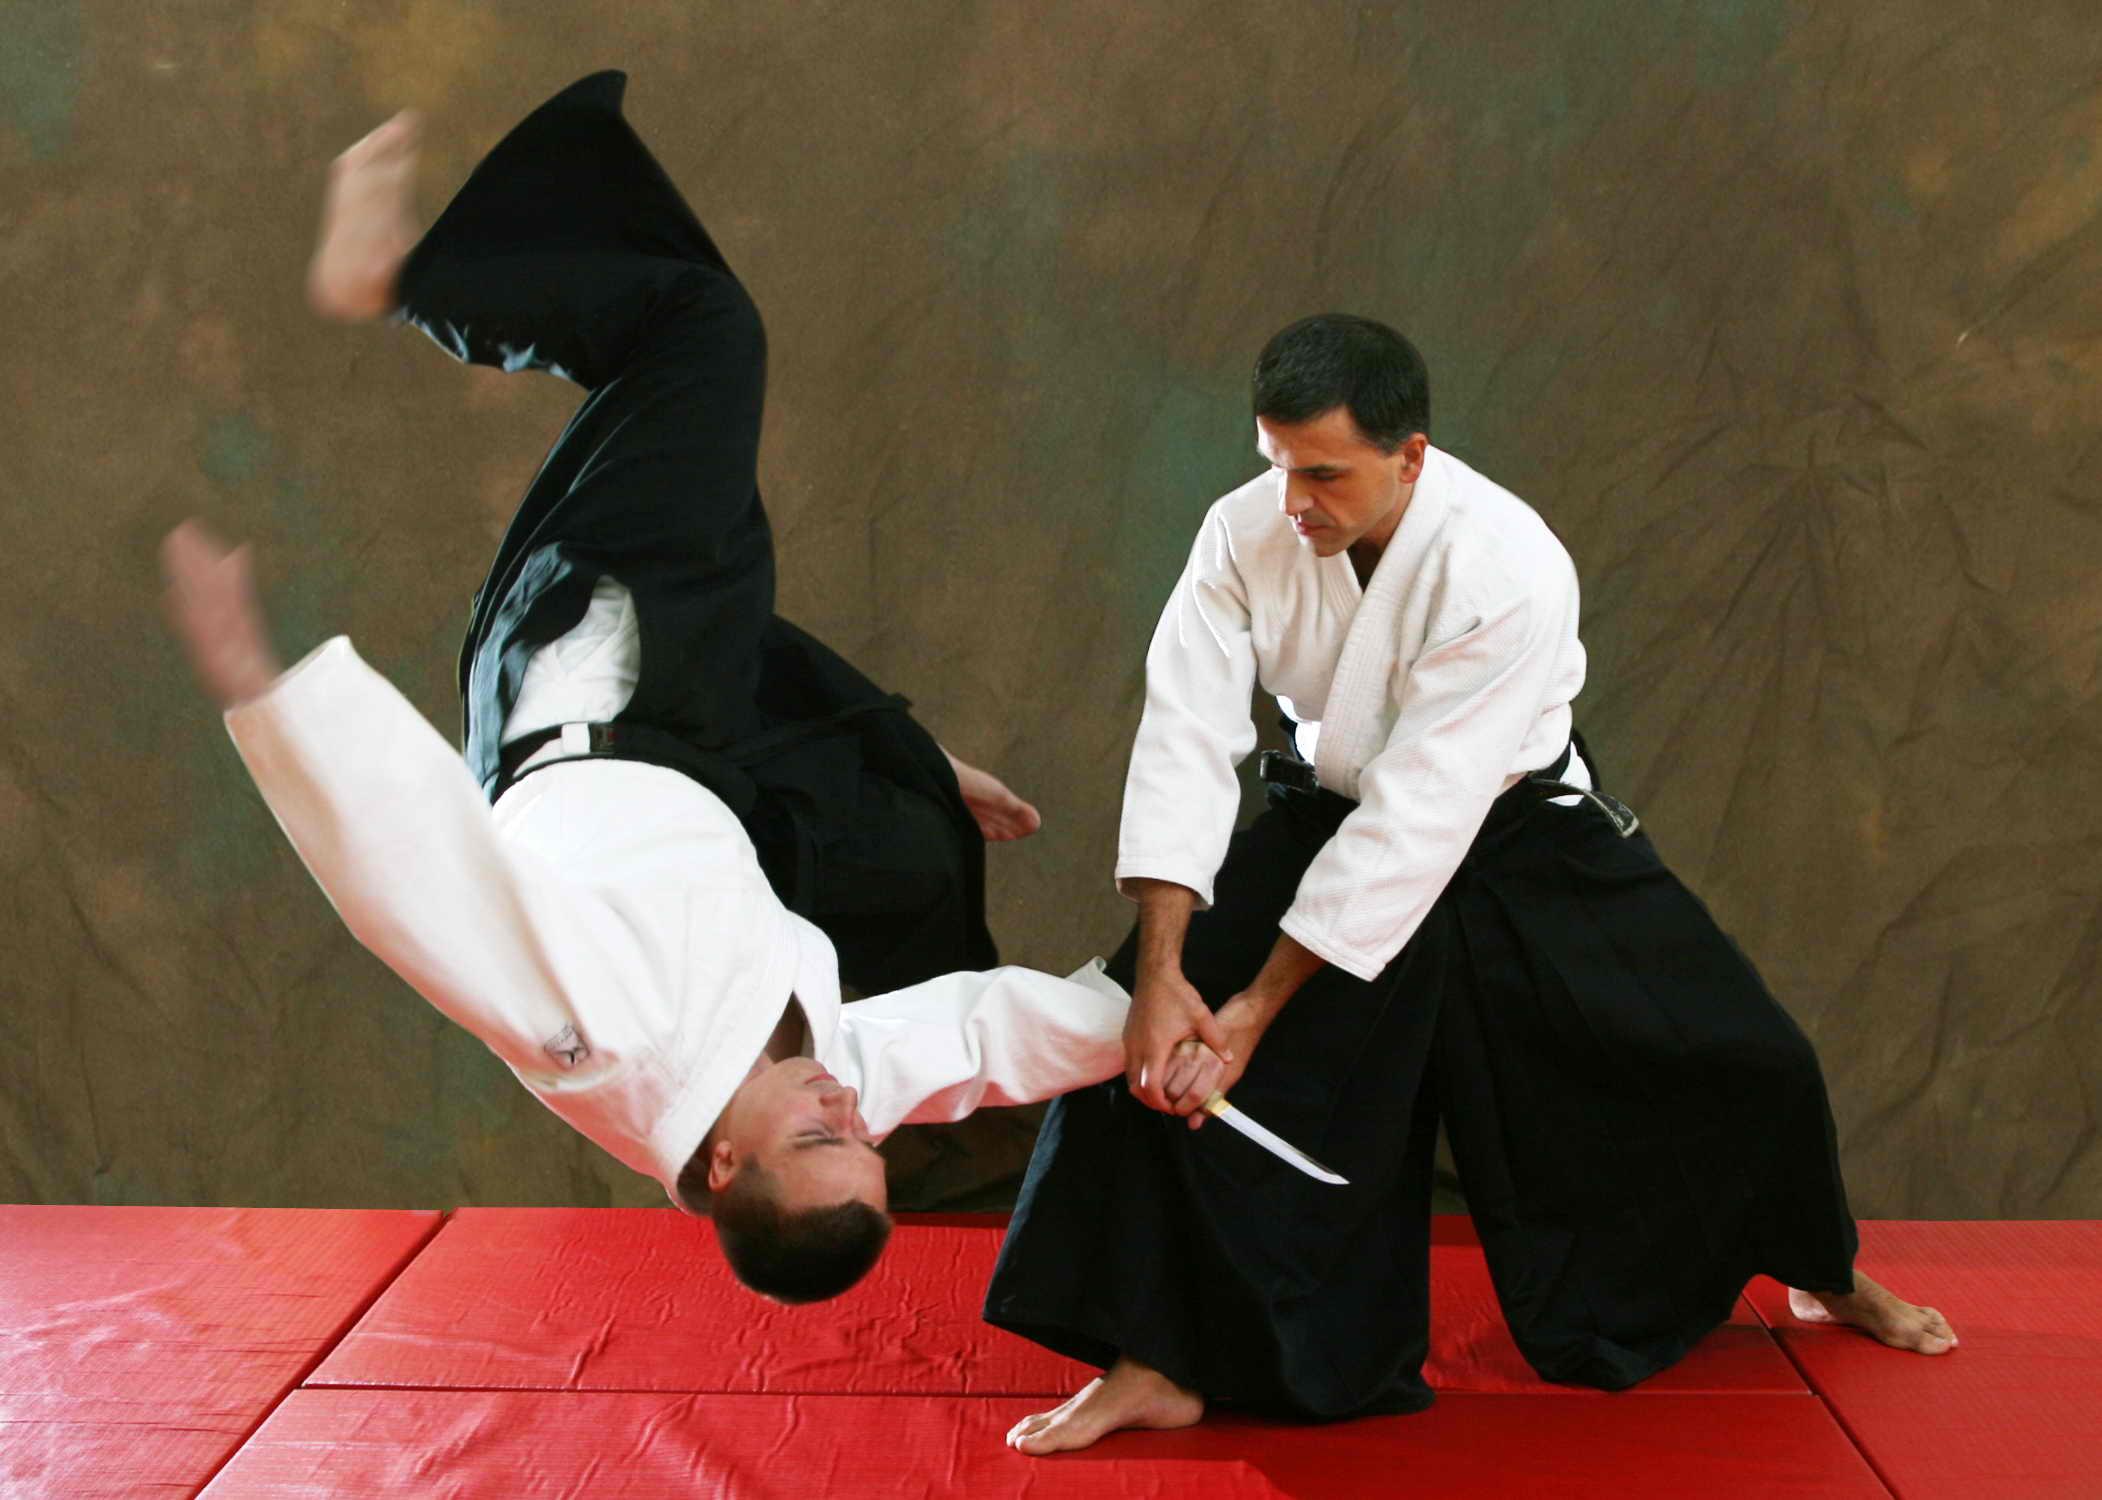 Aikido match